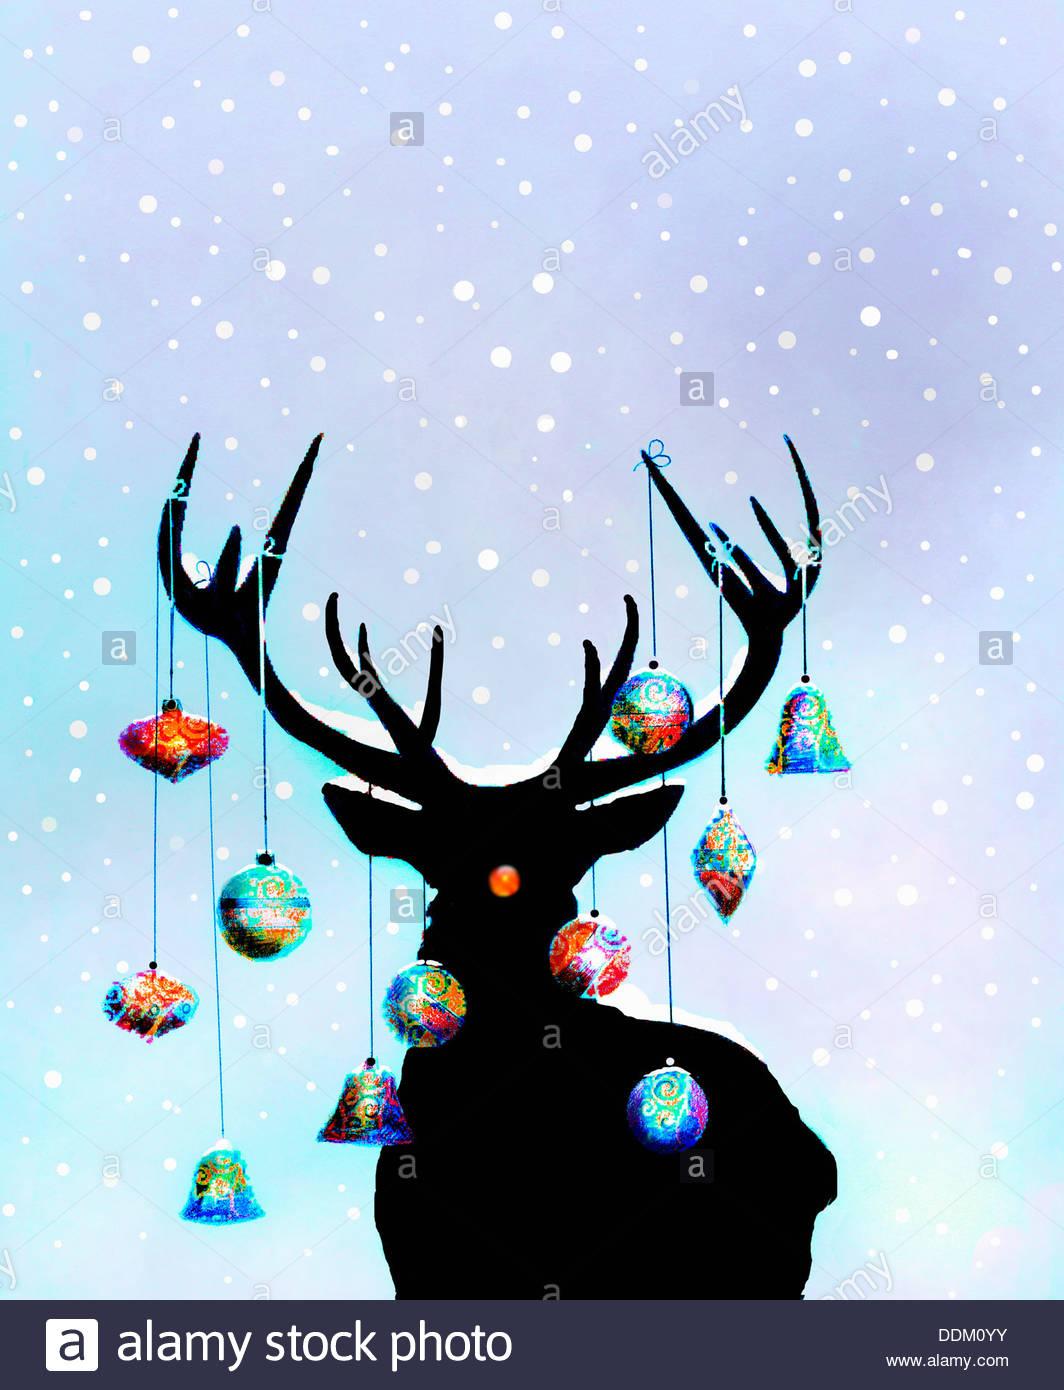 Weihnachtsschmuck hängen Geweihe von Rentieren Stockfoto, Bild ...